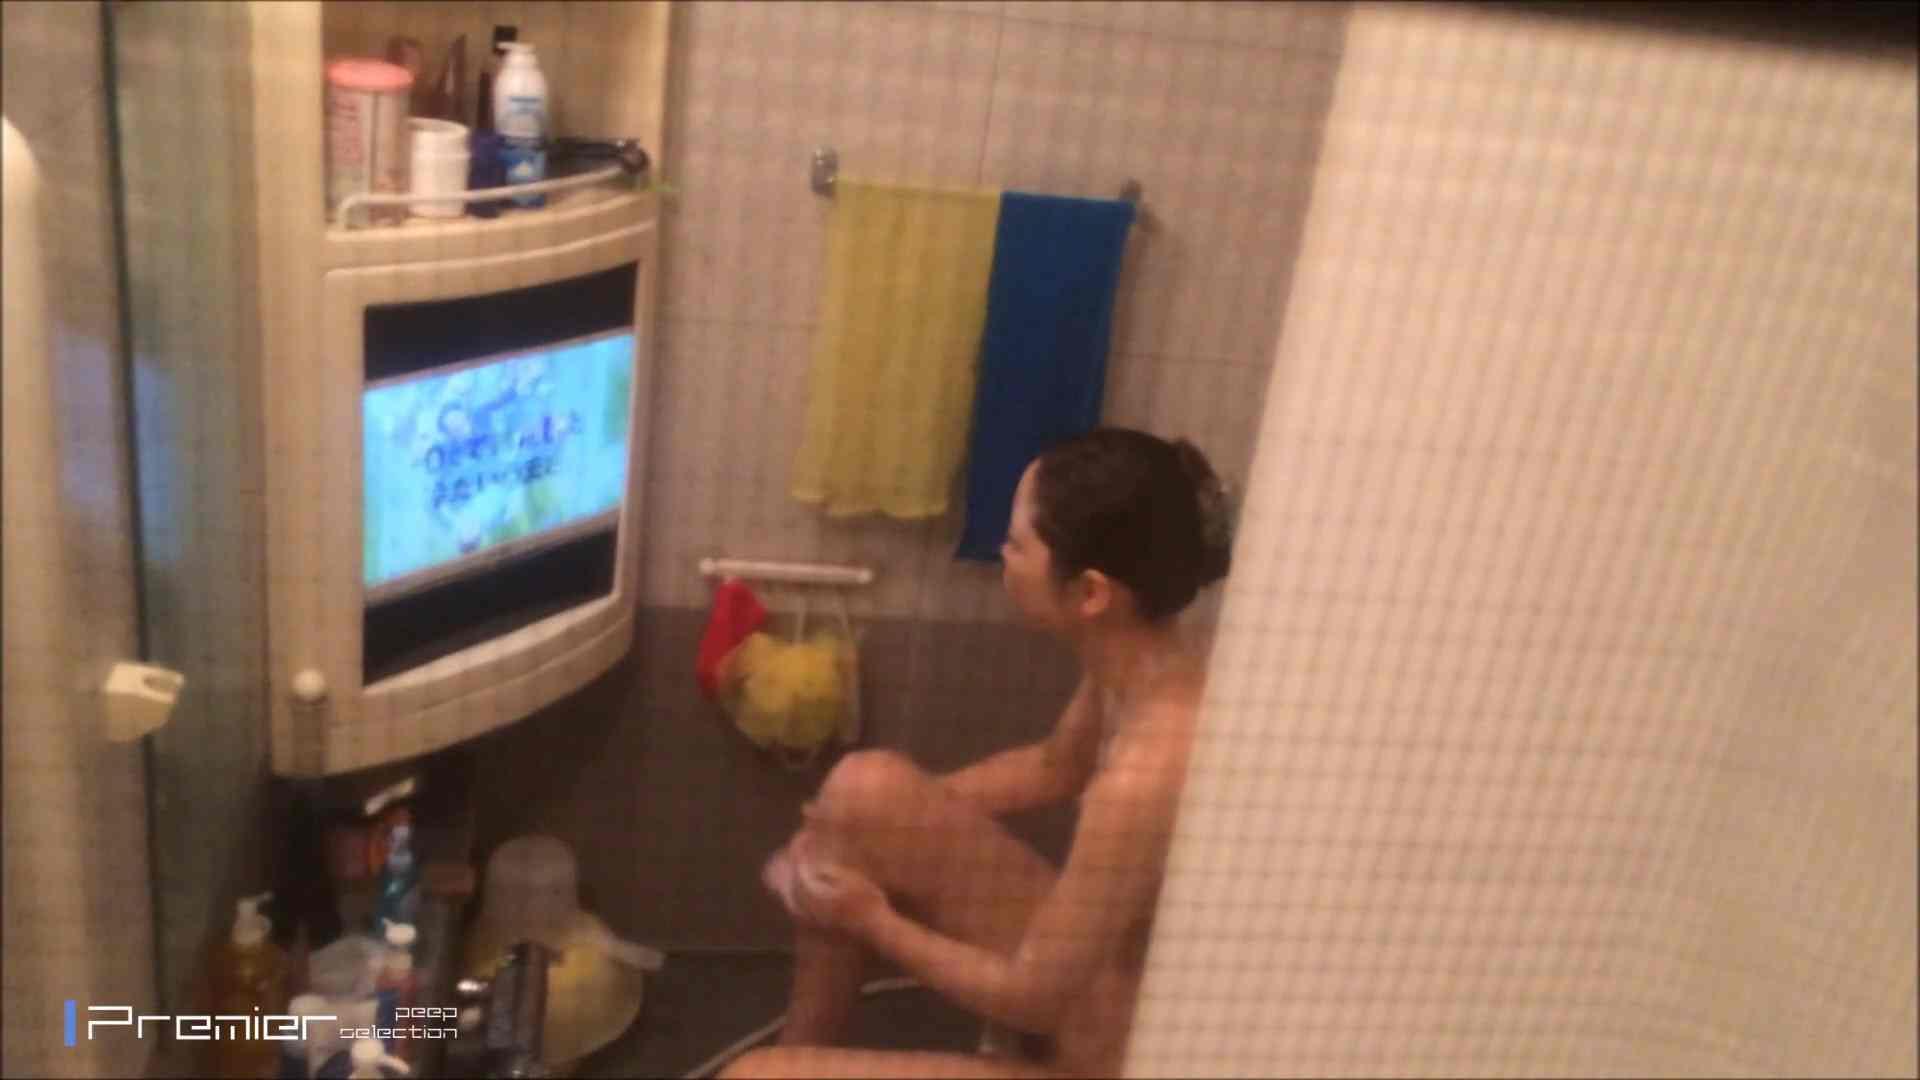 美女のテレビを見ながらの入浴 乙女の風呂場 Vol.21 女湯の中 AV無料 69画像 57